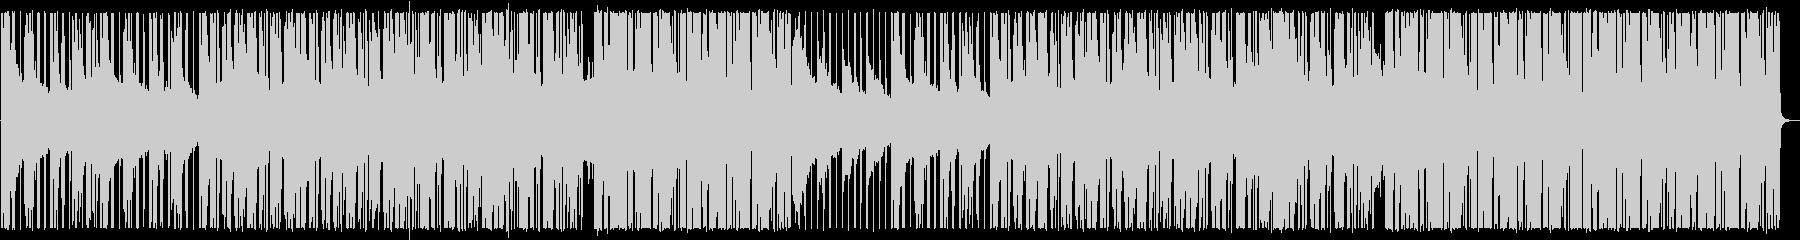 都会/優しい/R&B_440の未再生の波形